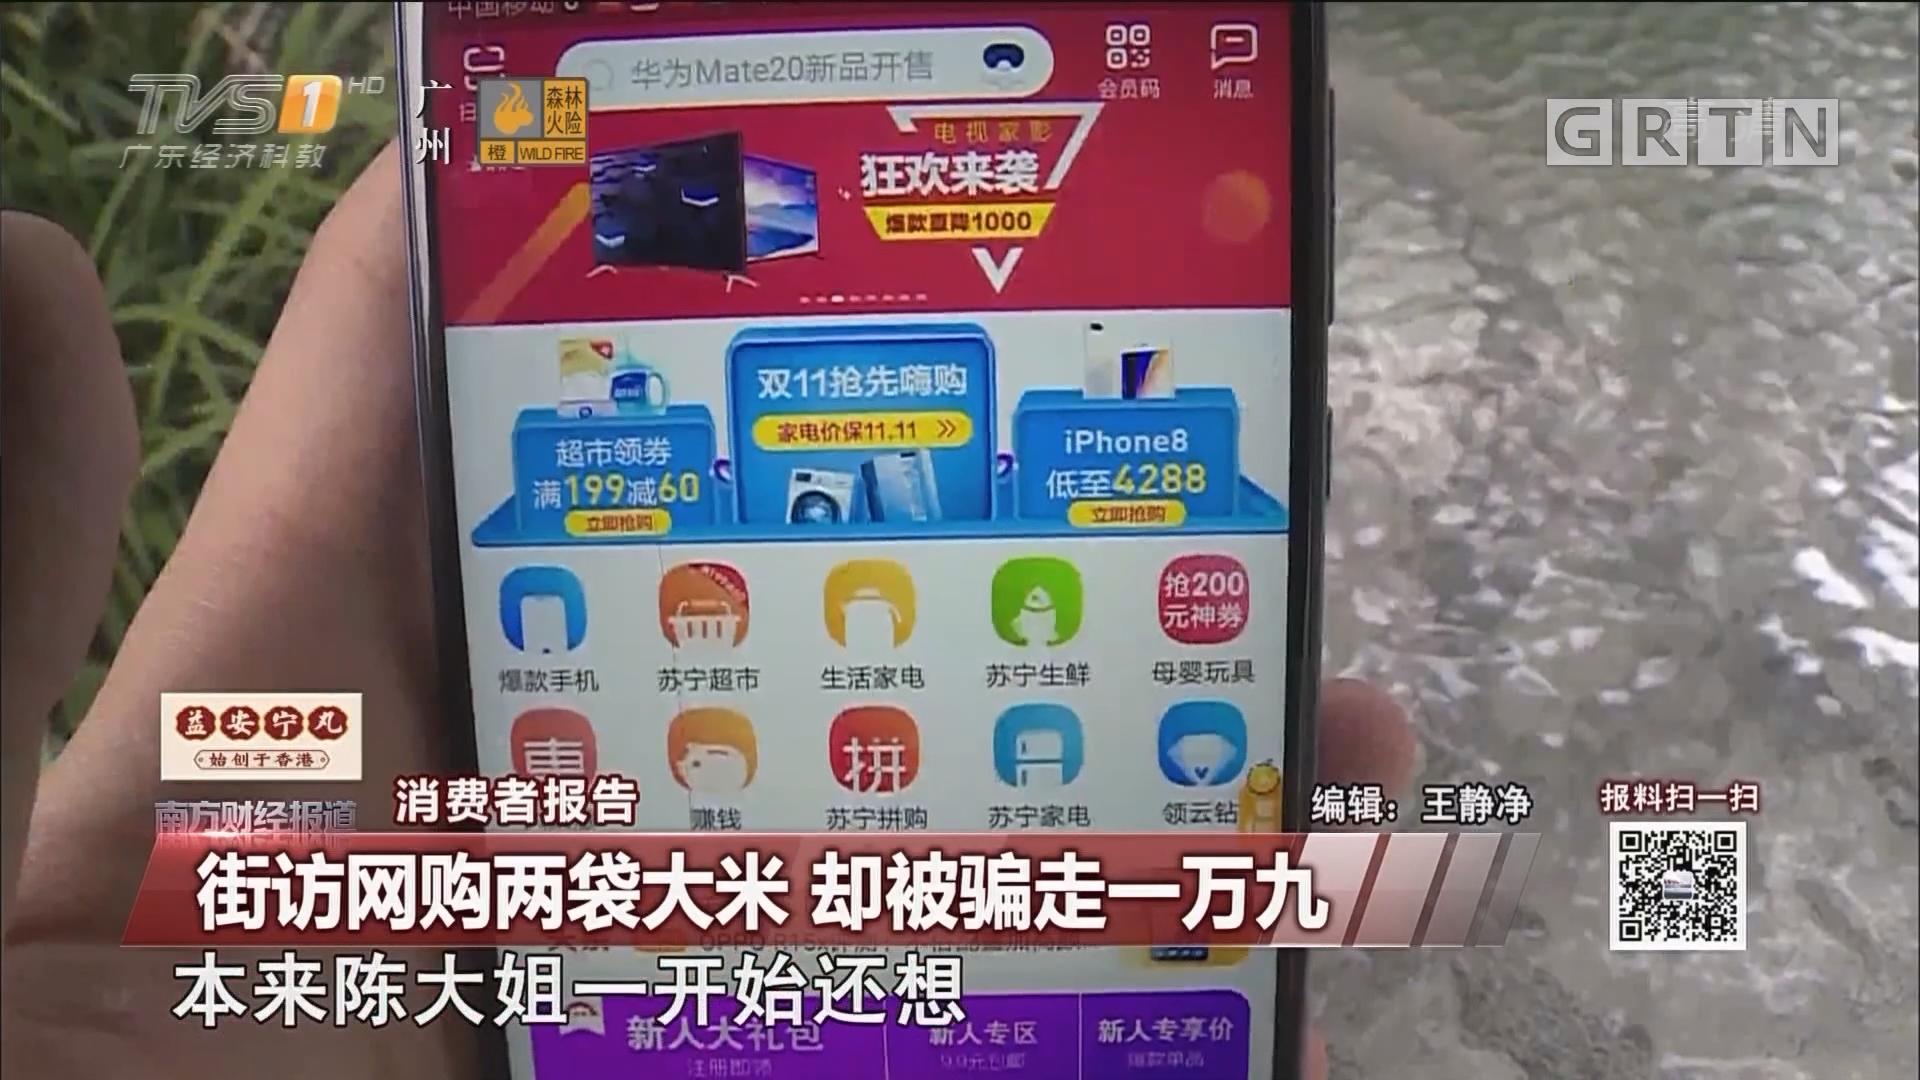 消费者报告:街访网购两袋大米 却被骗走一万九